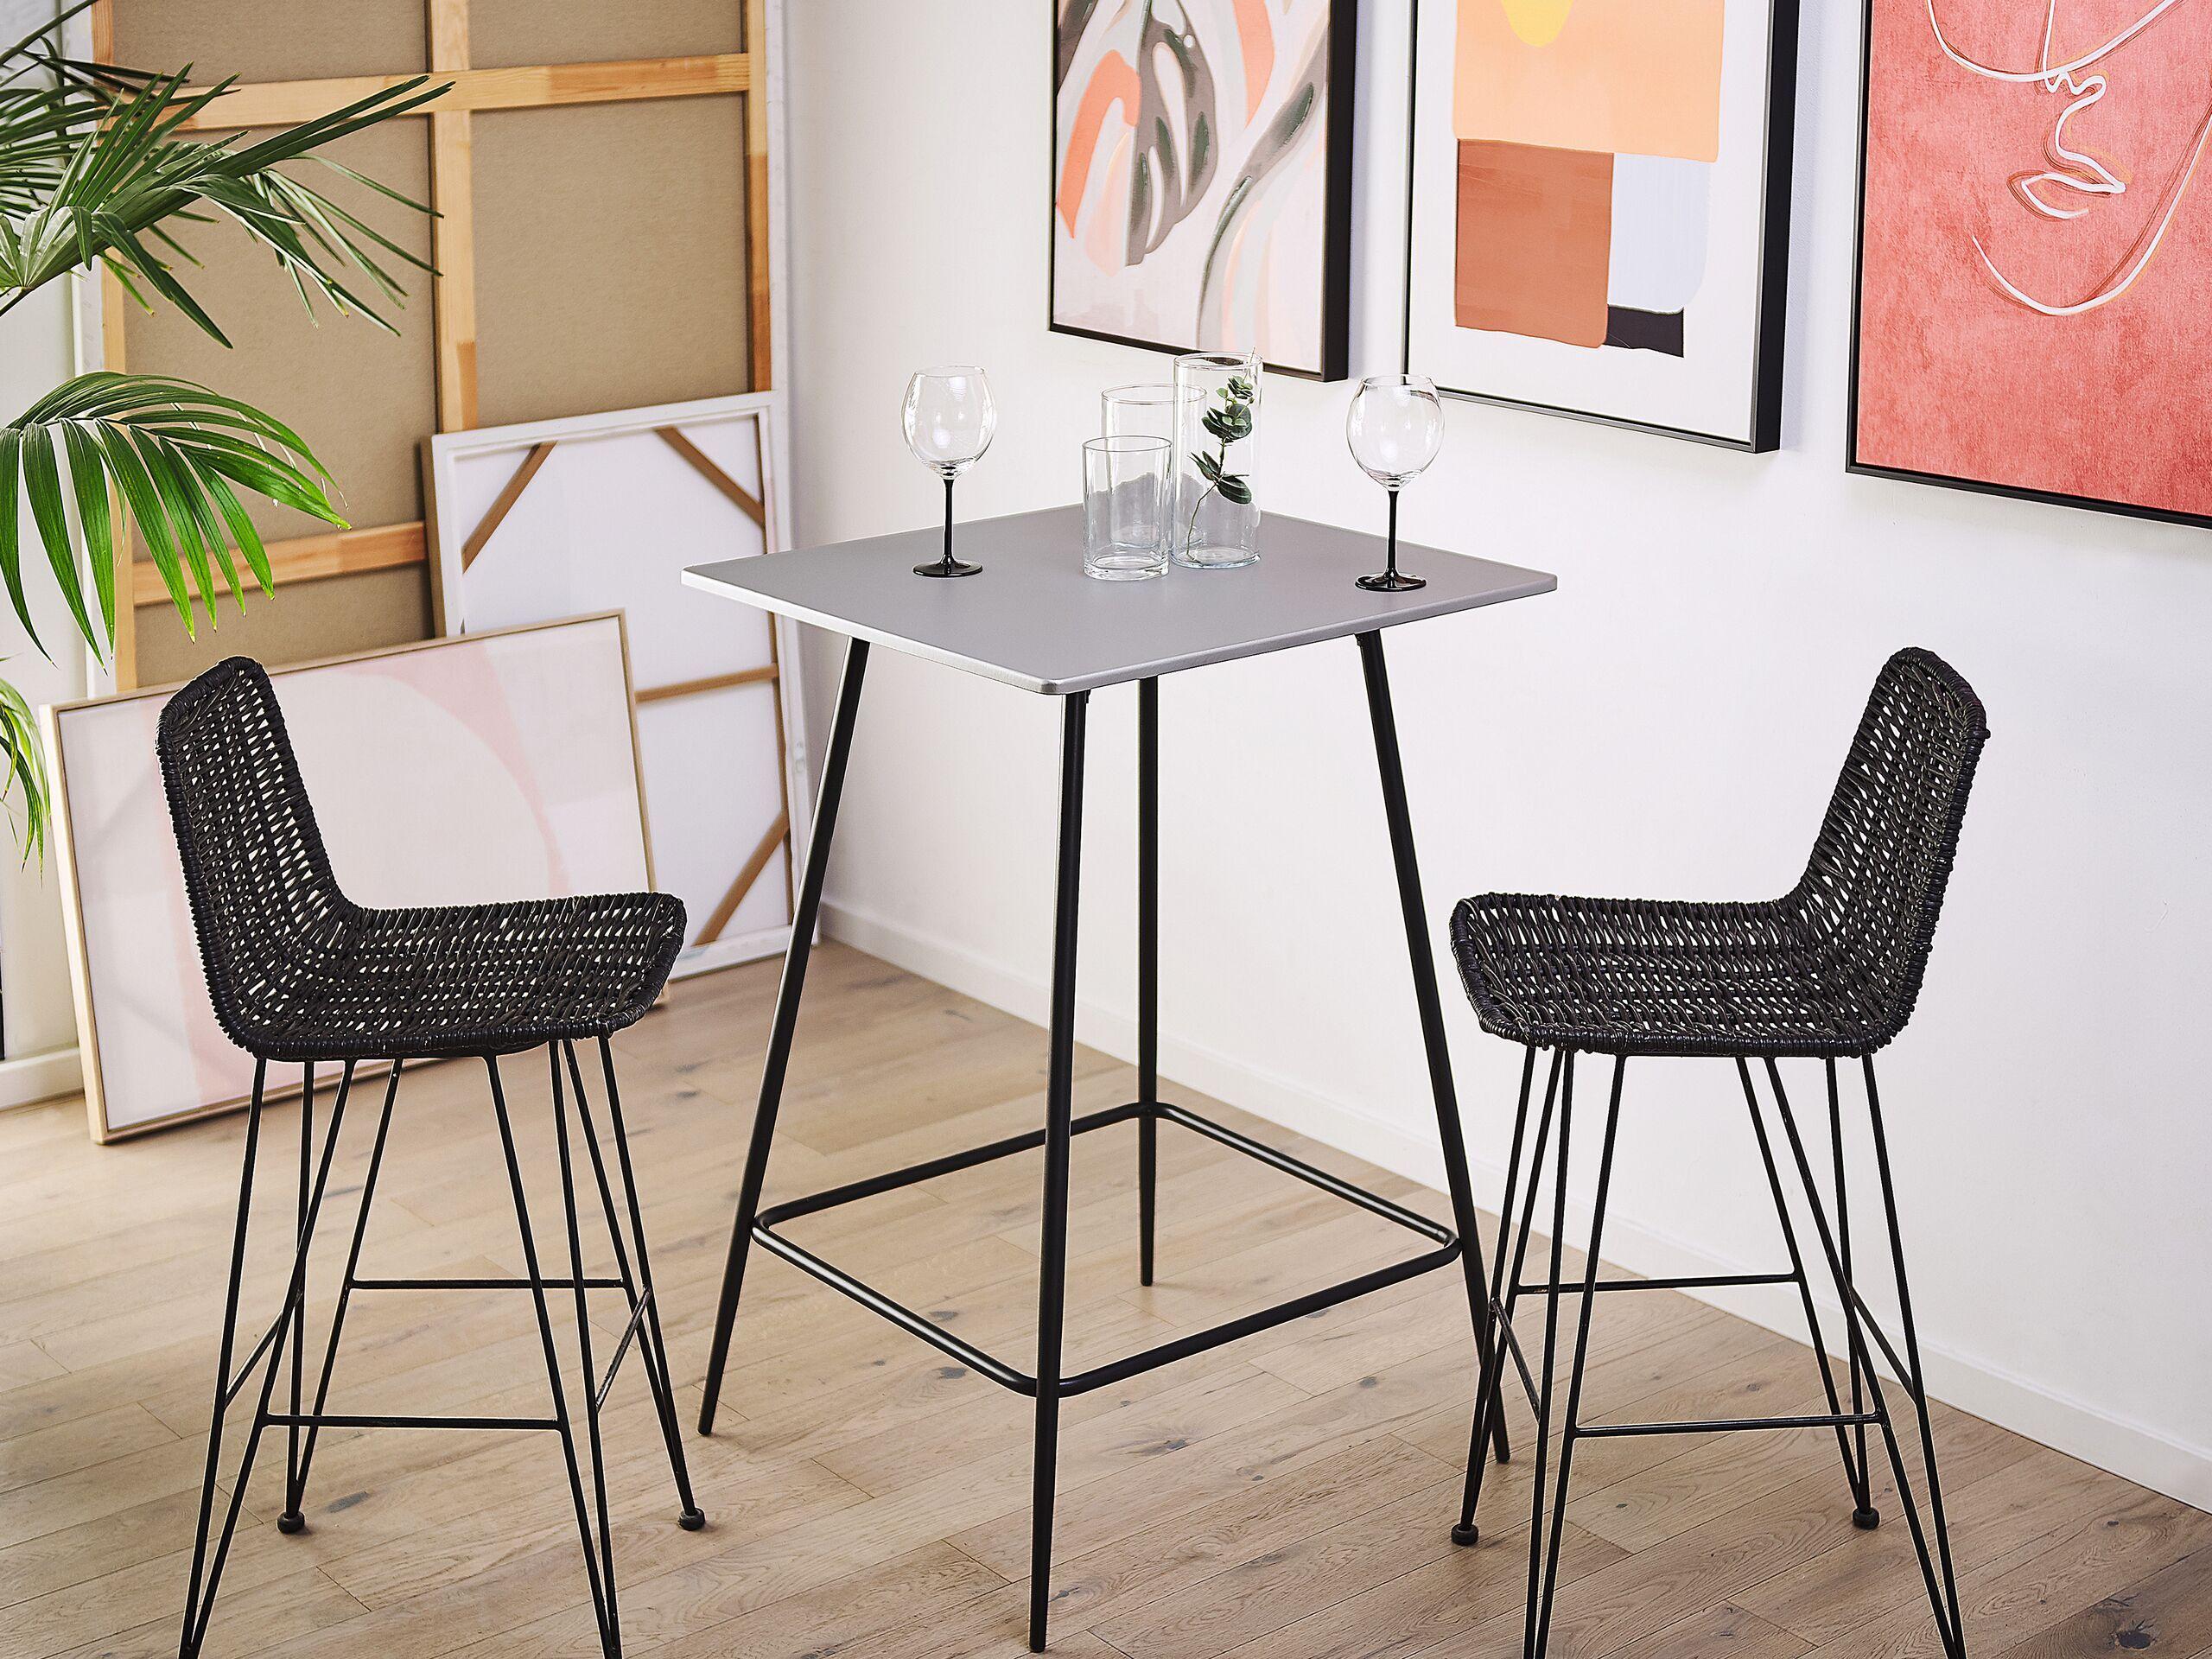 beliani tavolo da bar quadrato piano grigio gambe in acciaio nero 70 x 70 cm